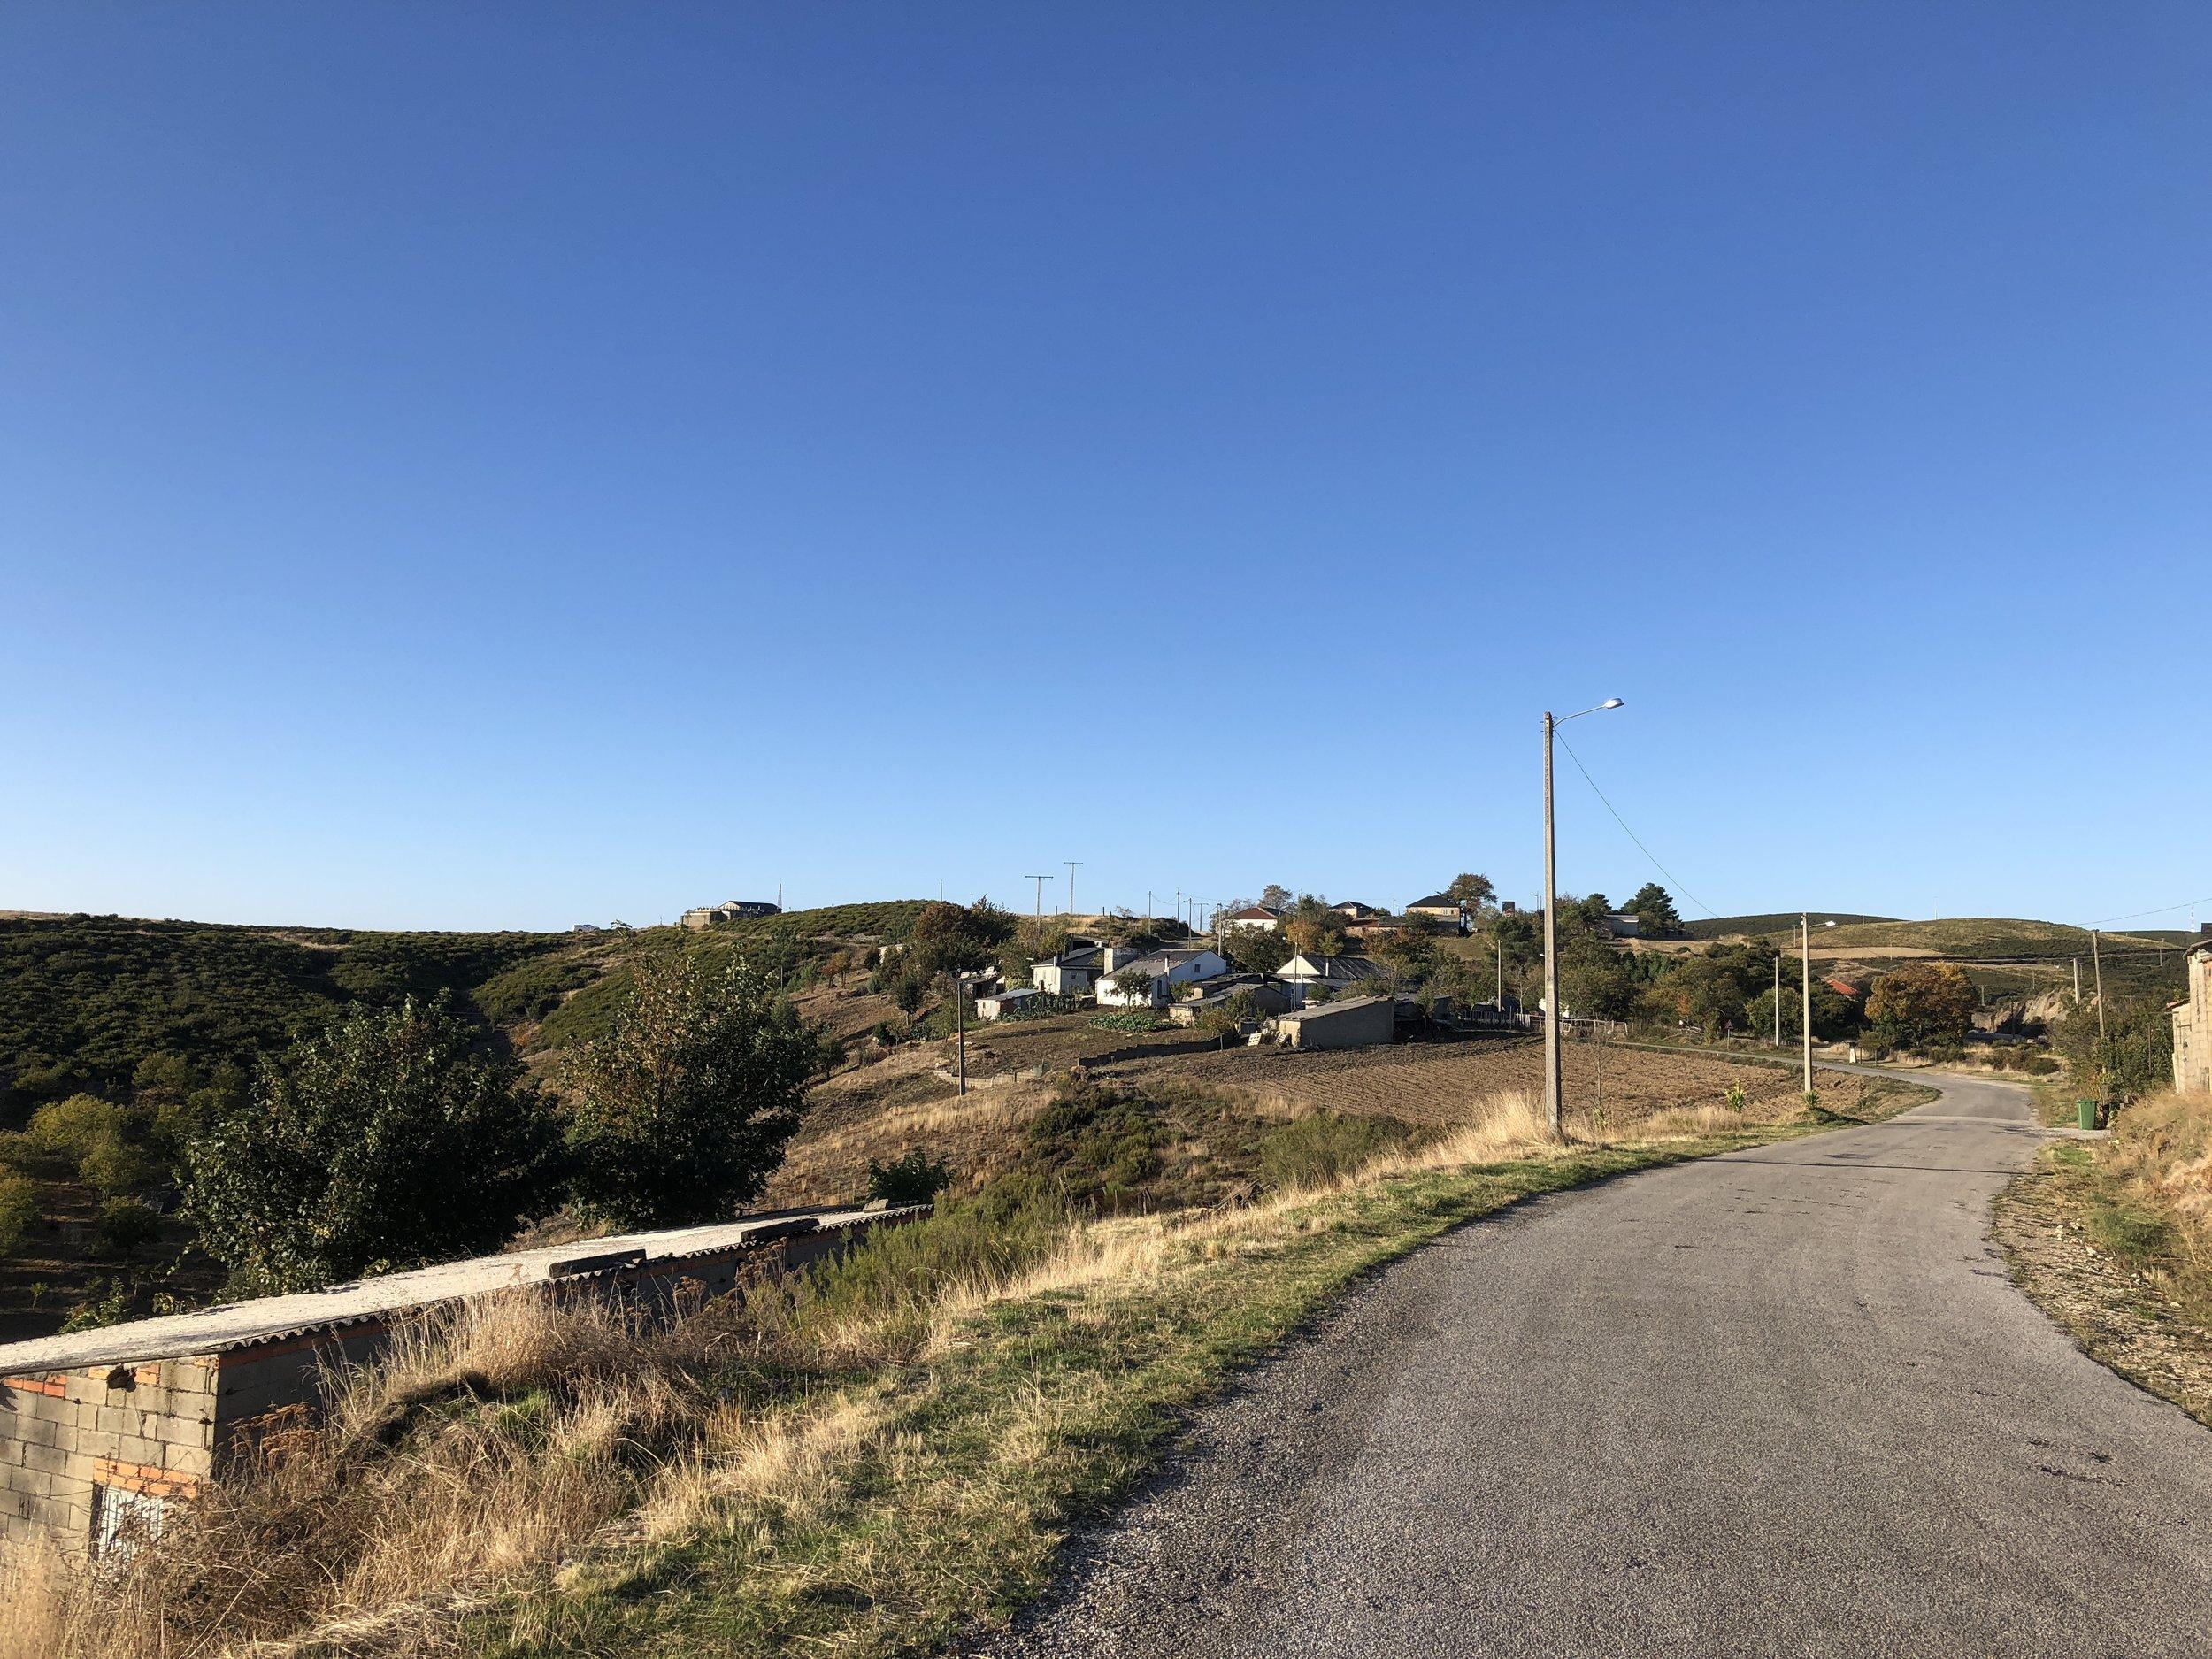 Second village